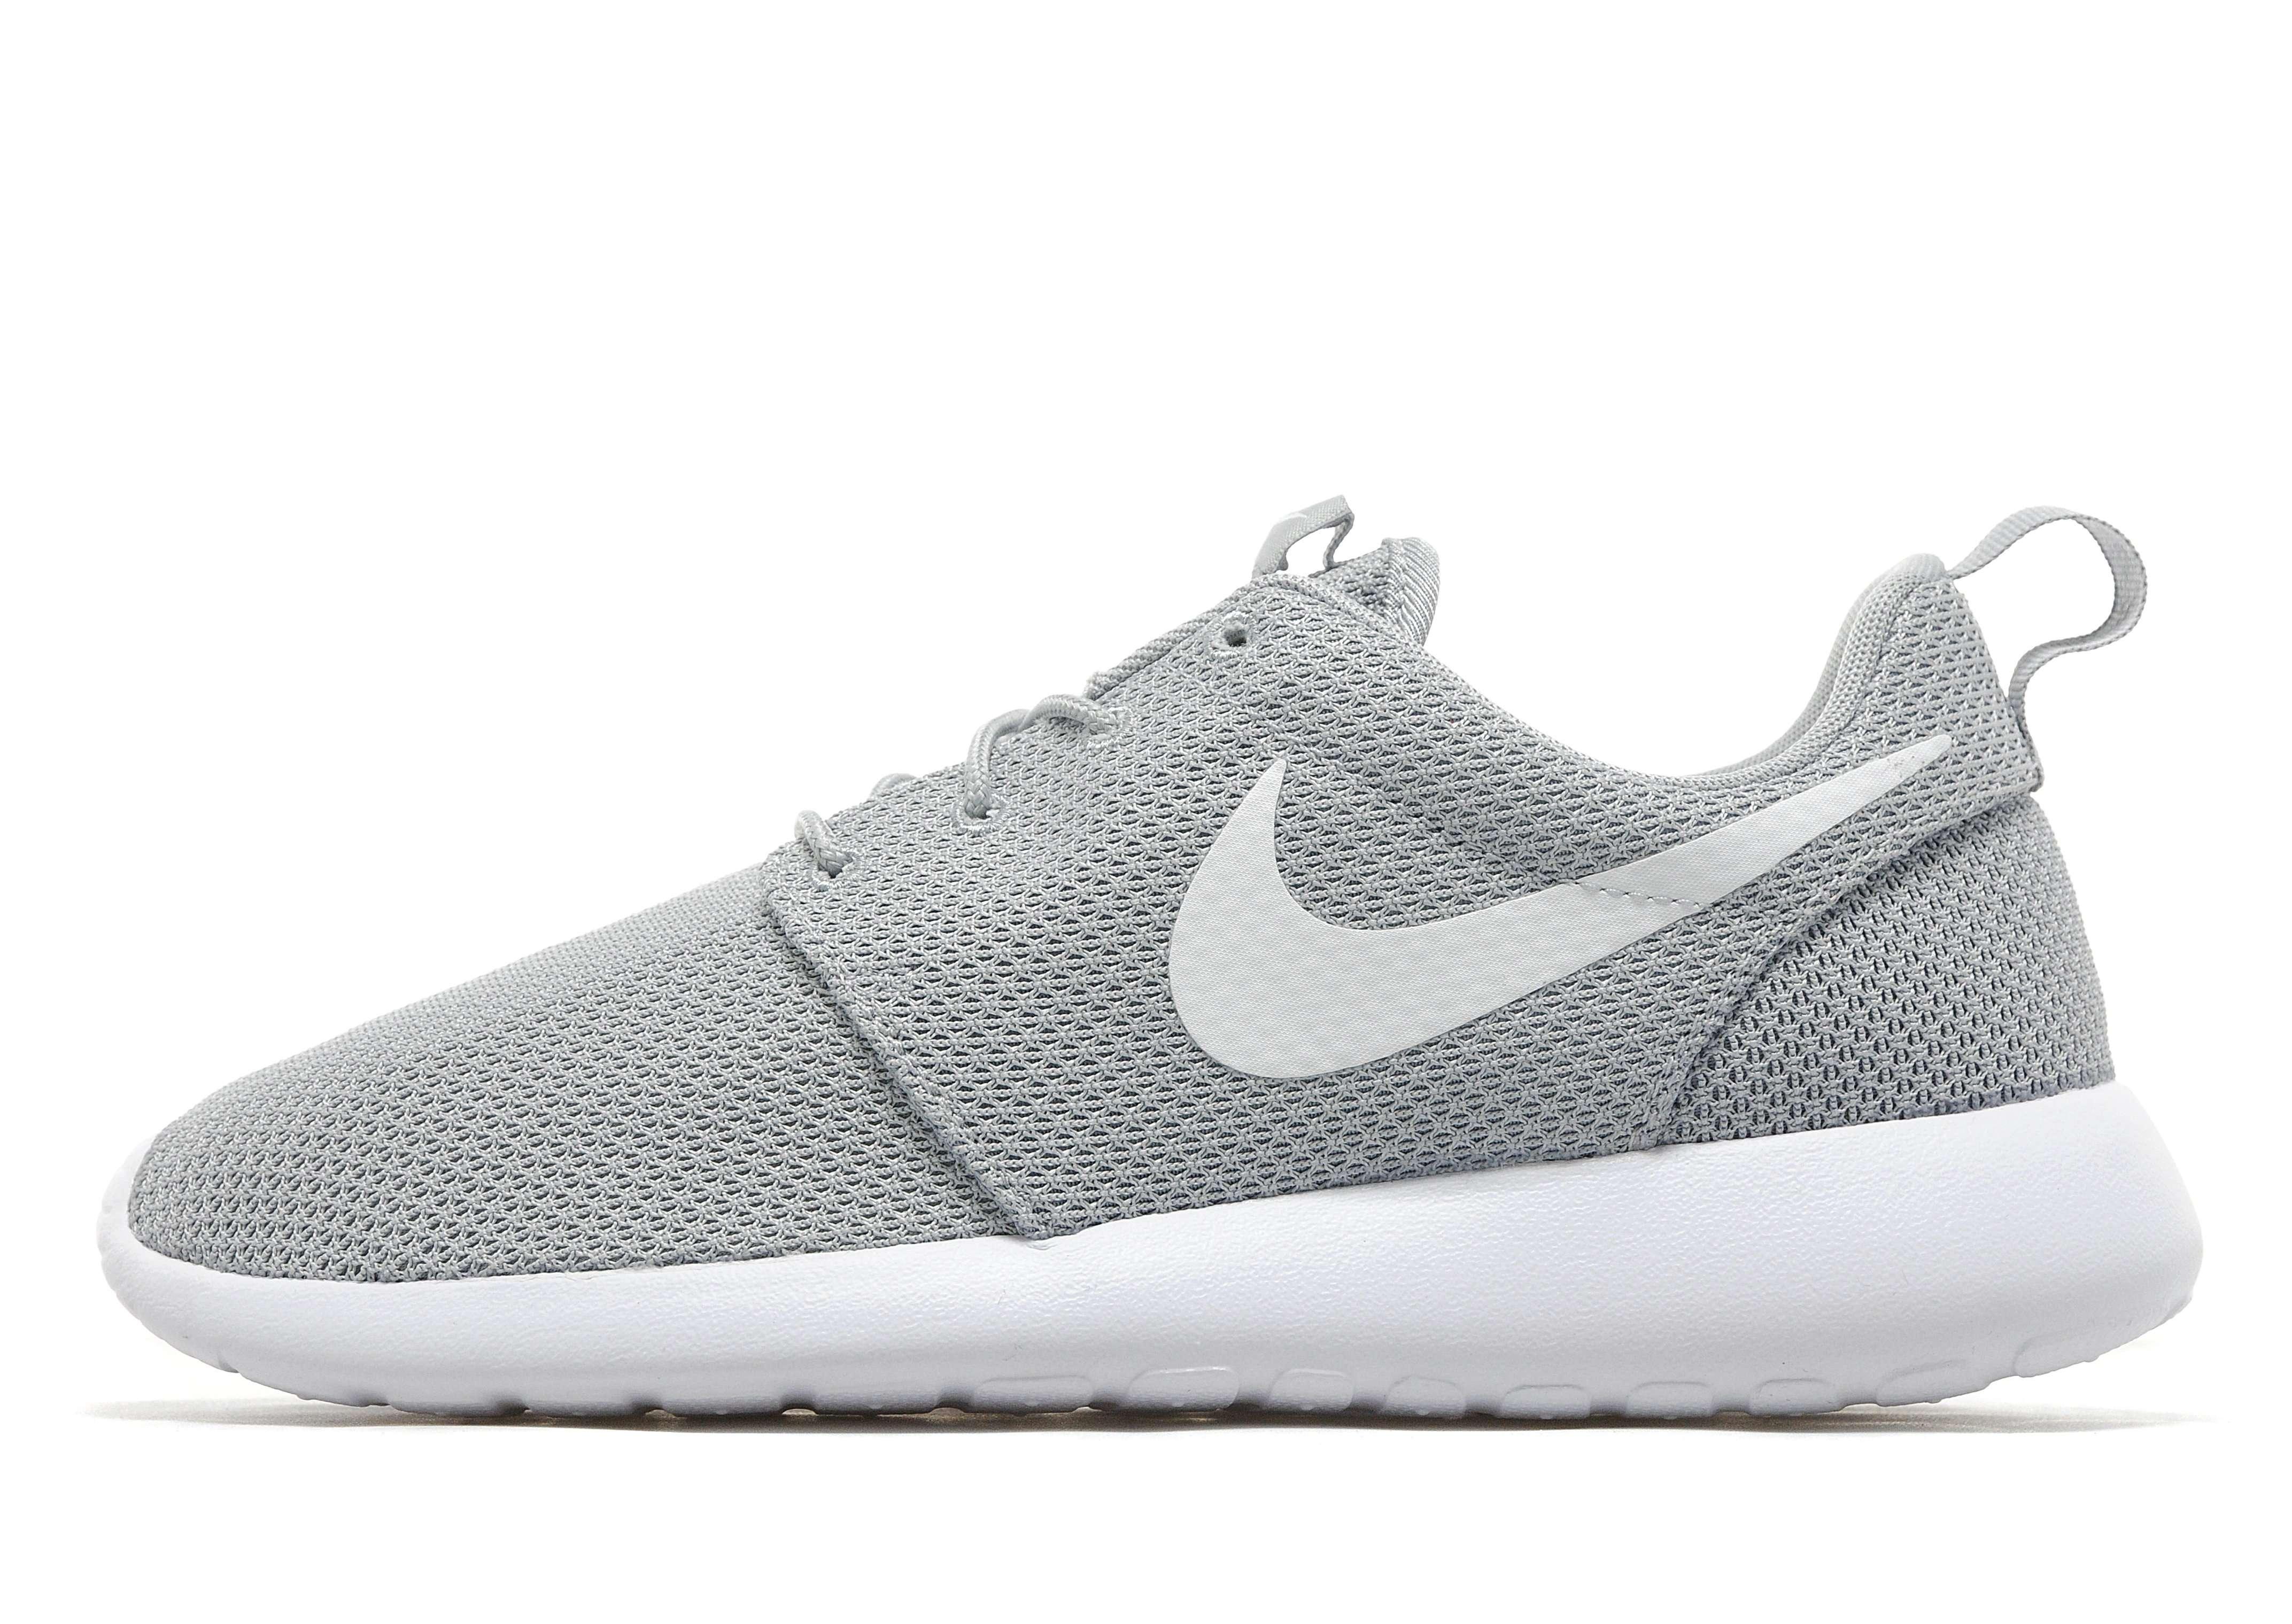 506459e2fbb18 Nike Roshe One